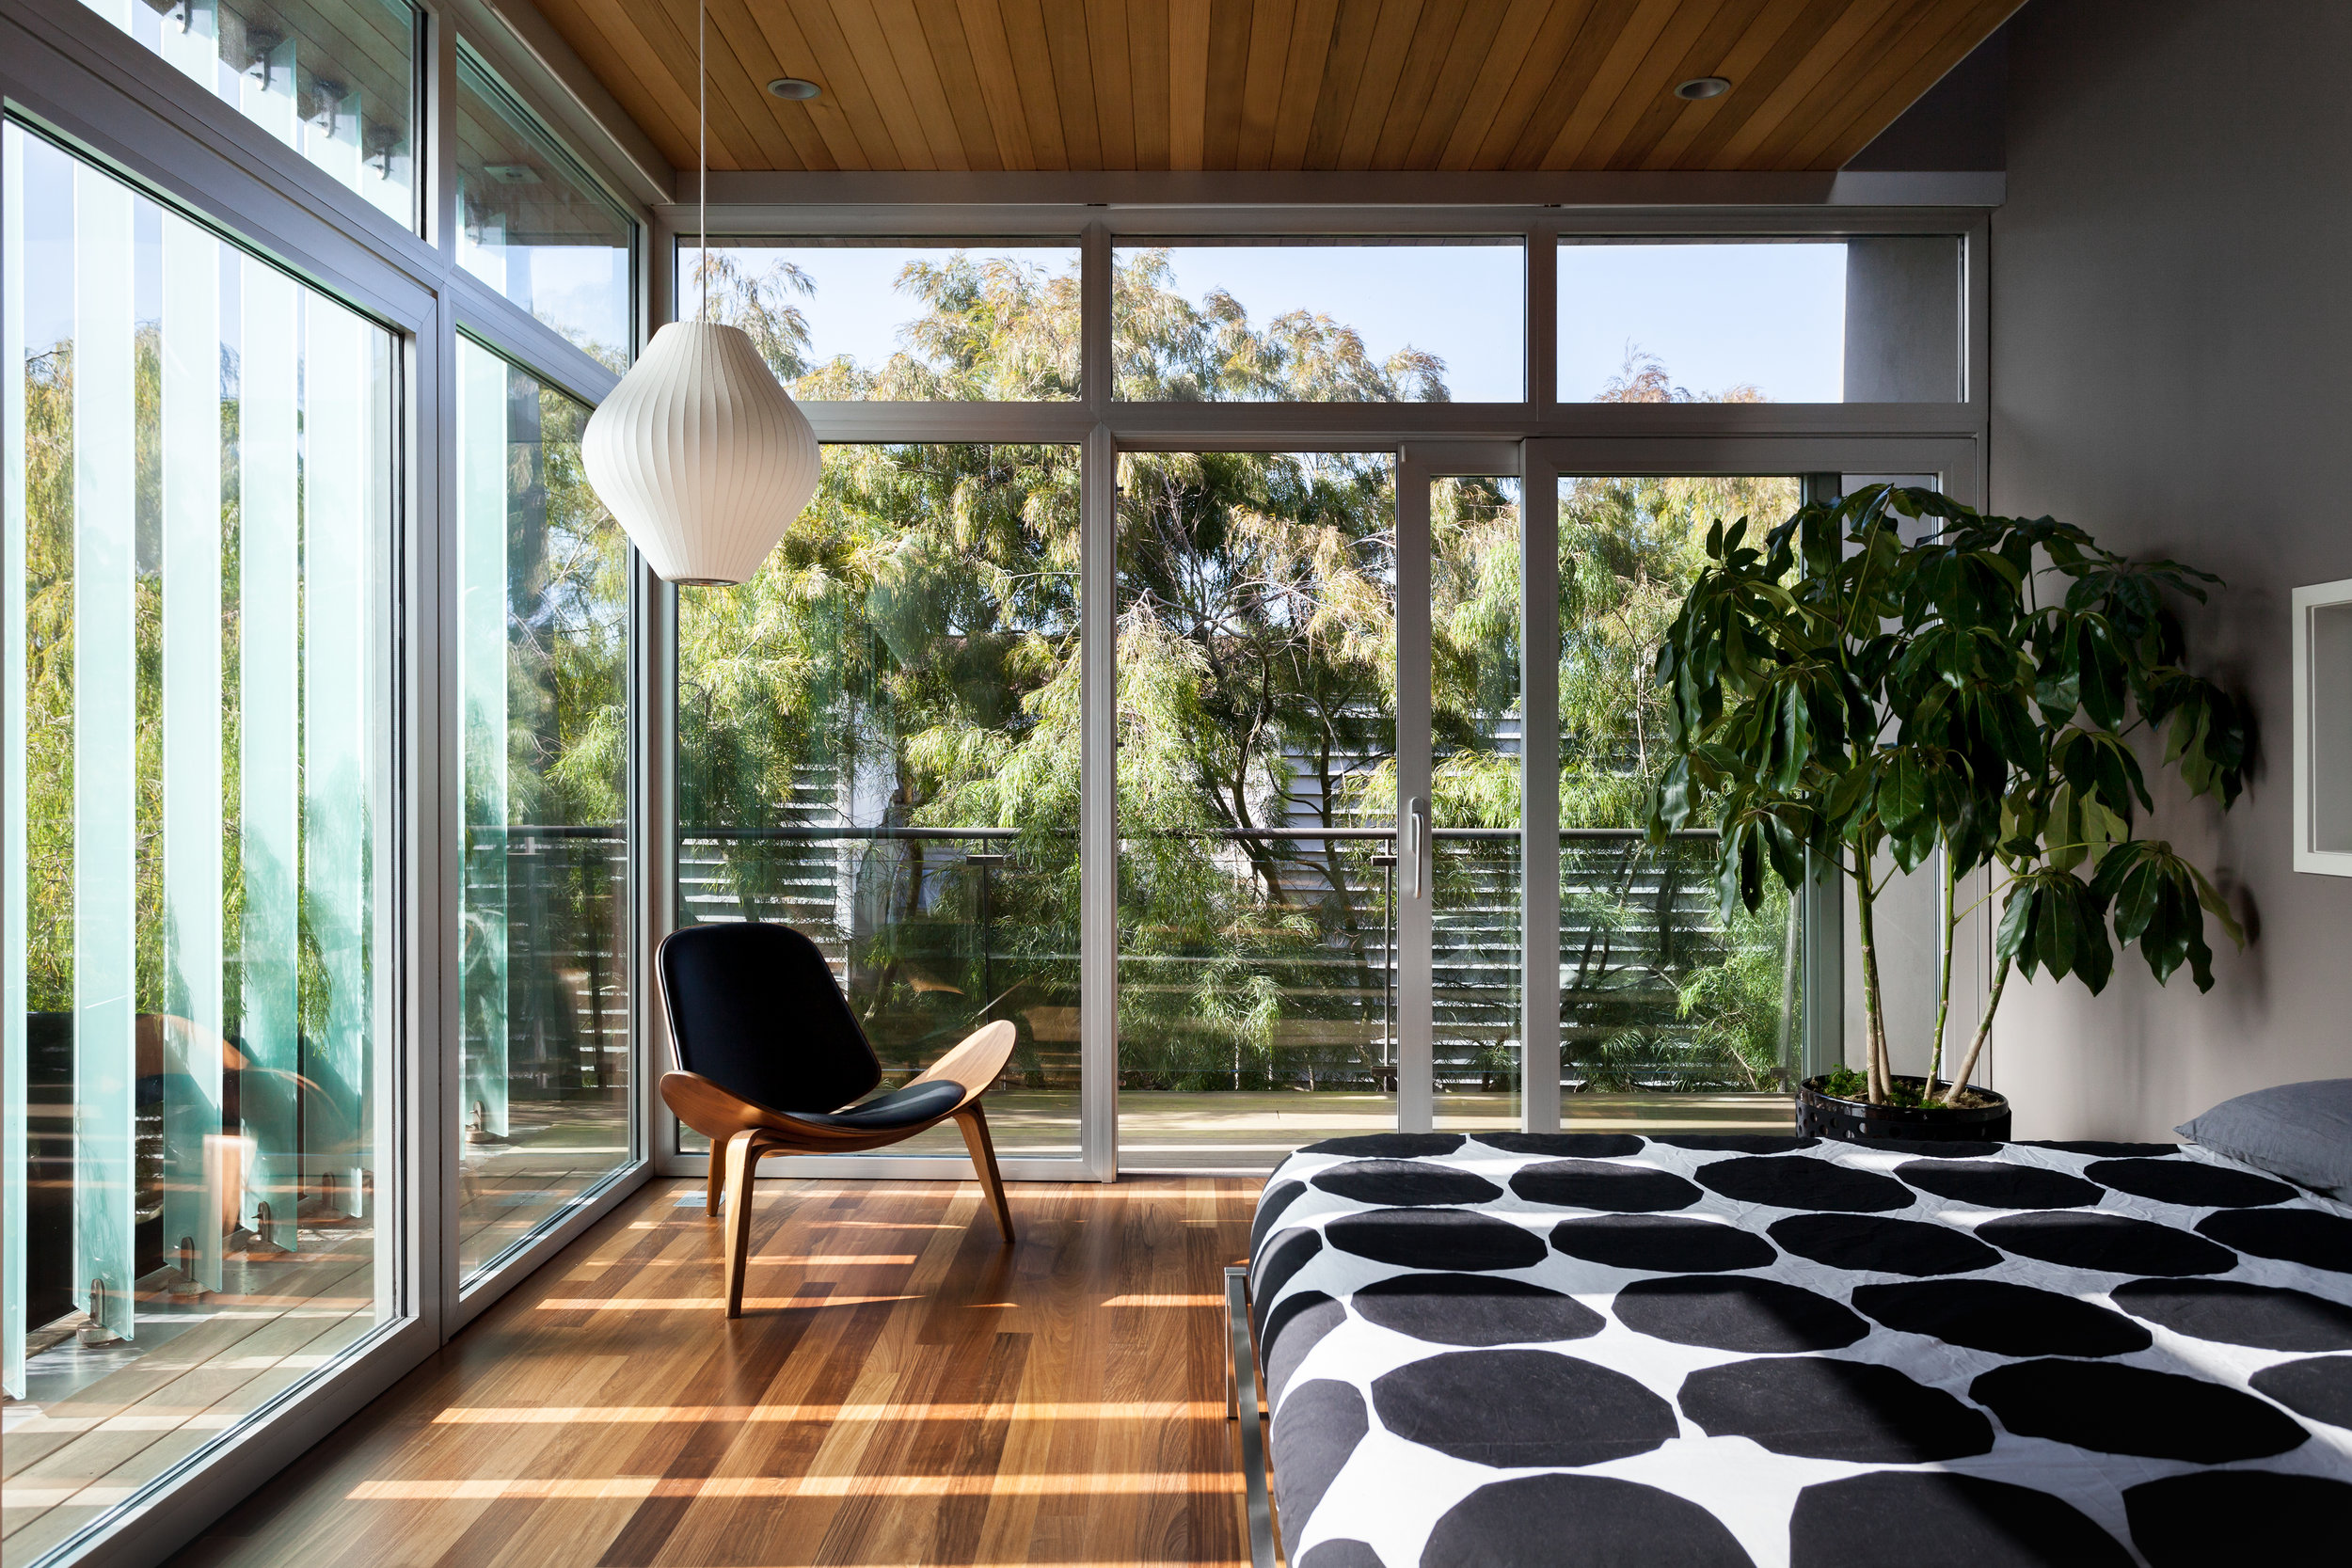 serrao design | Architecture